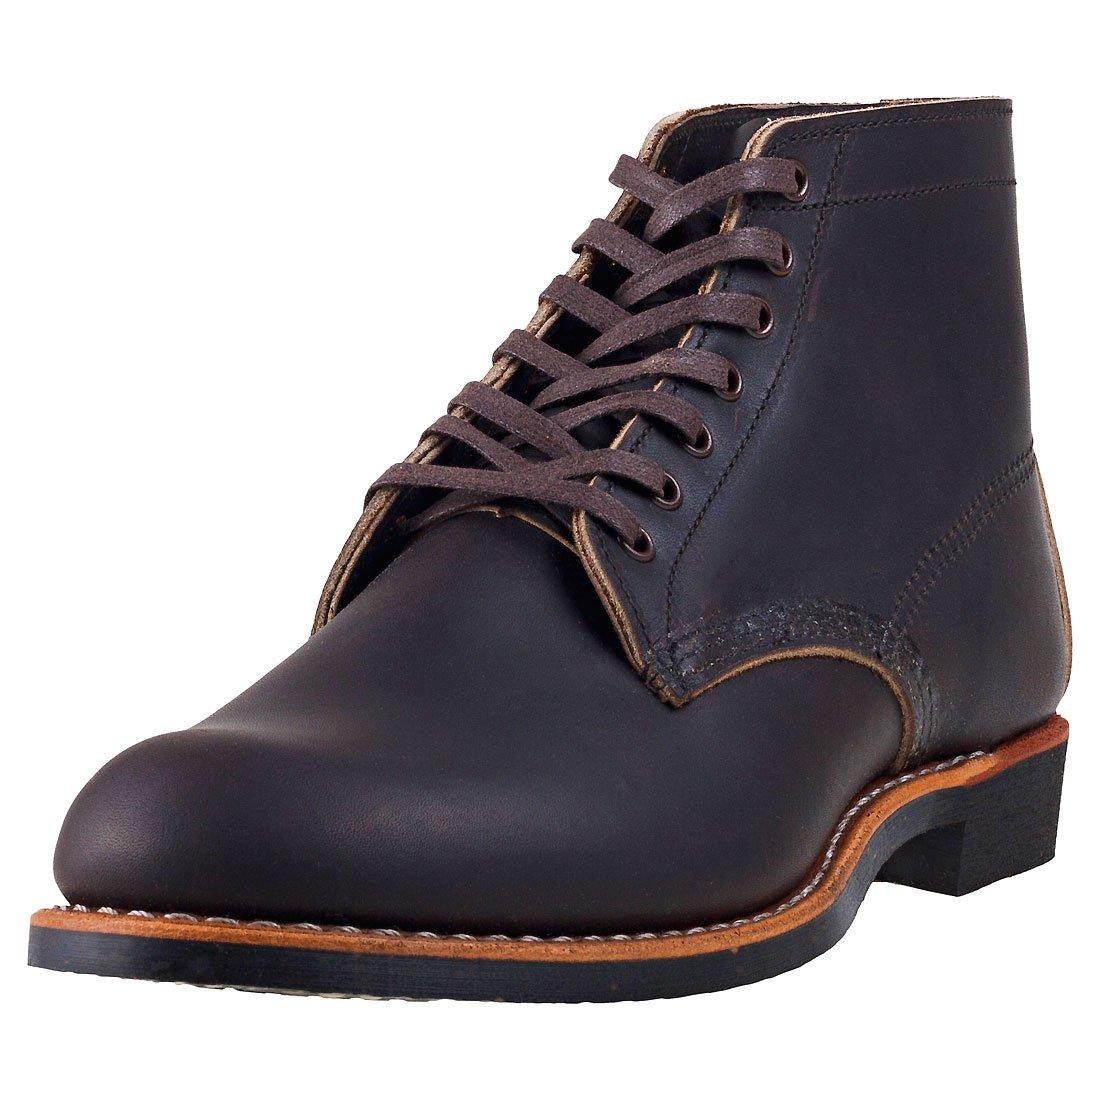 Red Wing Shoes - Botas Chukka Hombre 47 EU|Marrón Oscuro